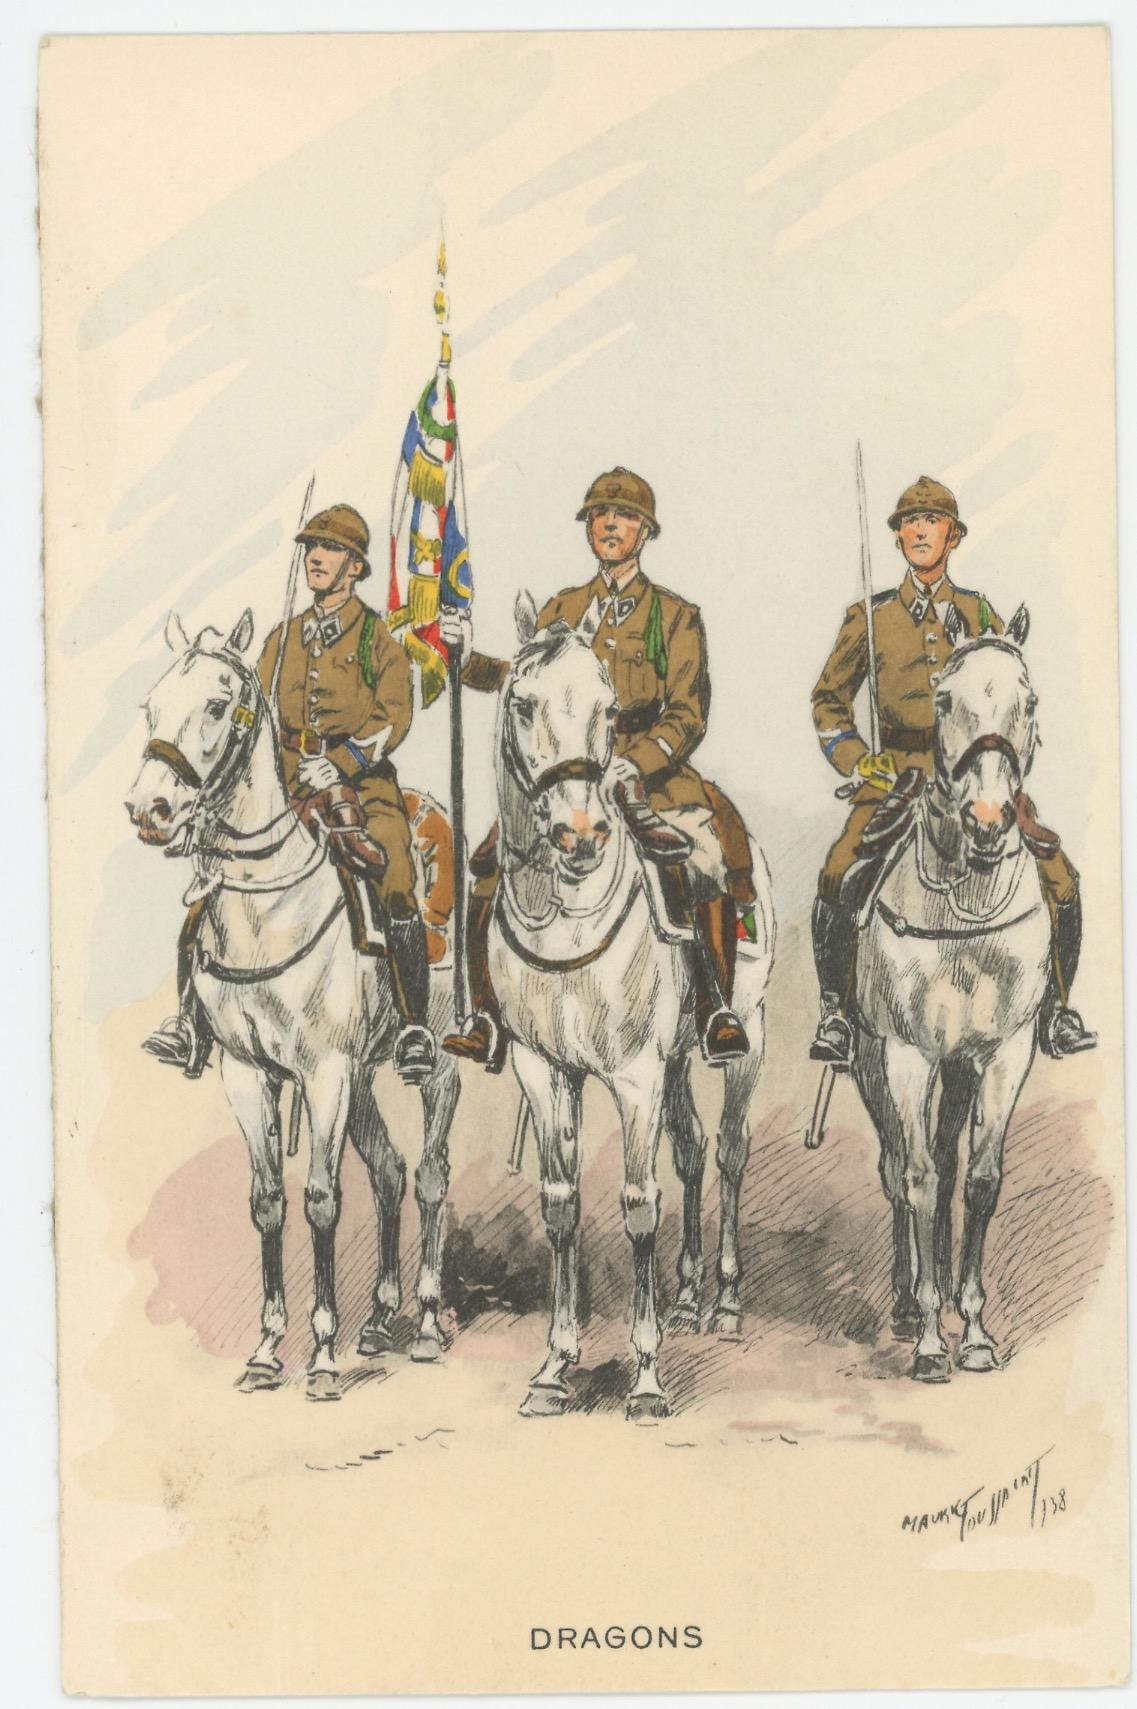 Carte Postale Illustrée - Maurice Toussaint - Edition Militaire Illustrées - Dragons - 1940